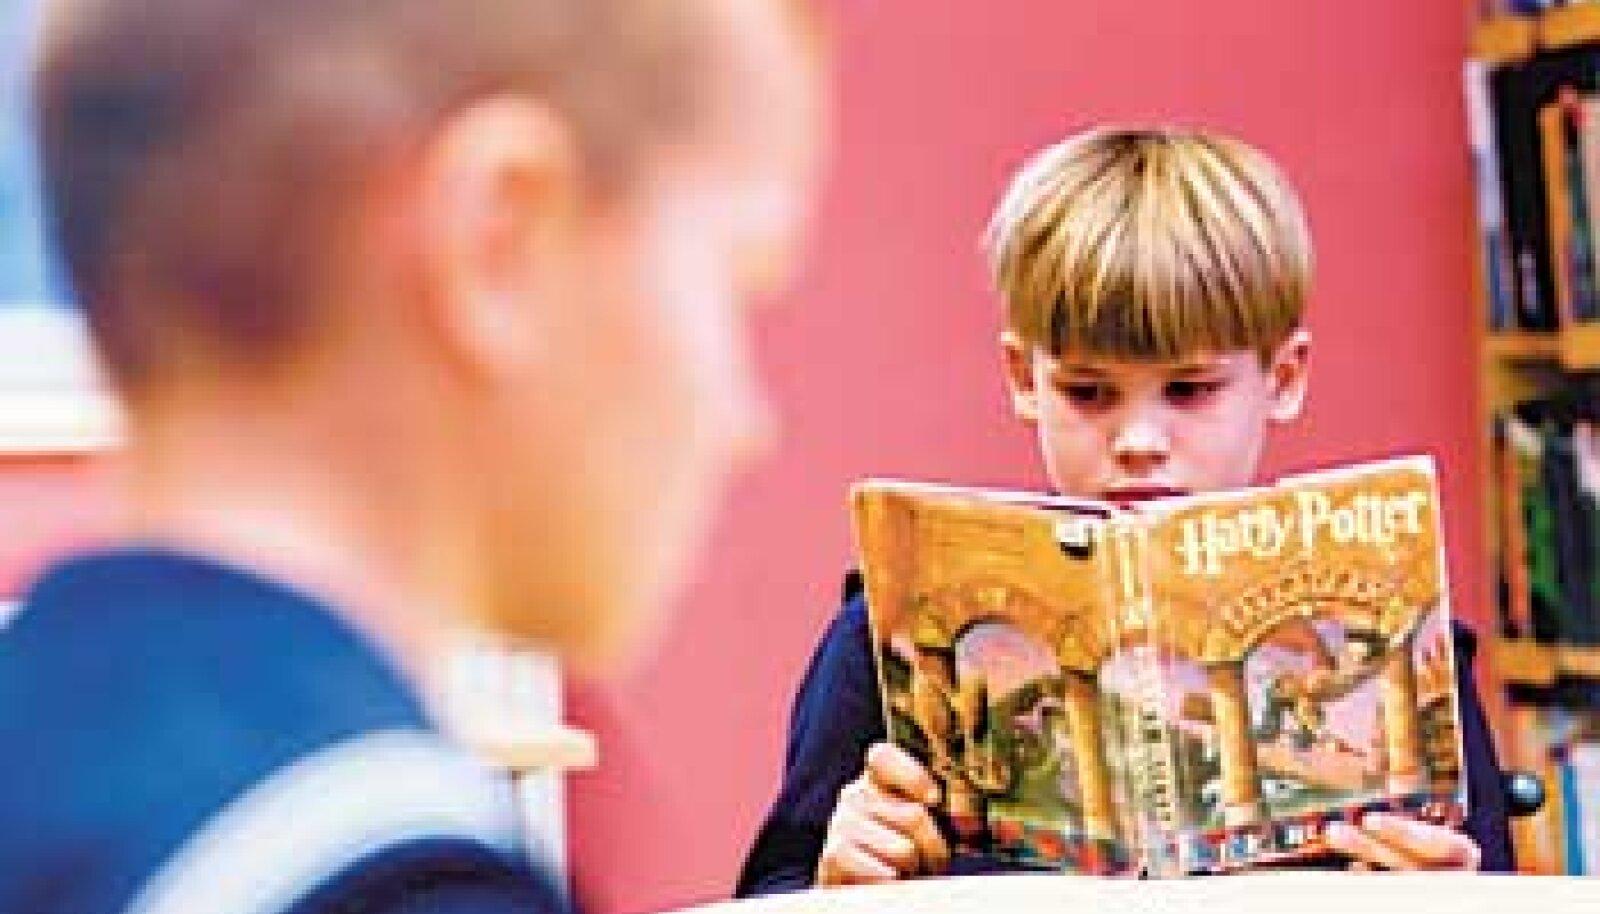 """ÄGE! Põnevaid lugusid nagu """"Harry Potter"""" loevad lapsed kõige meelsamini. Vallo Kruuser"""